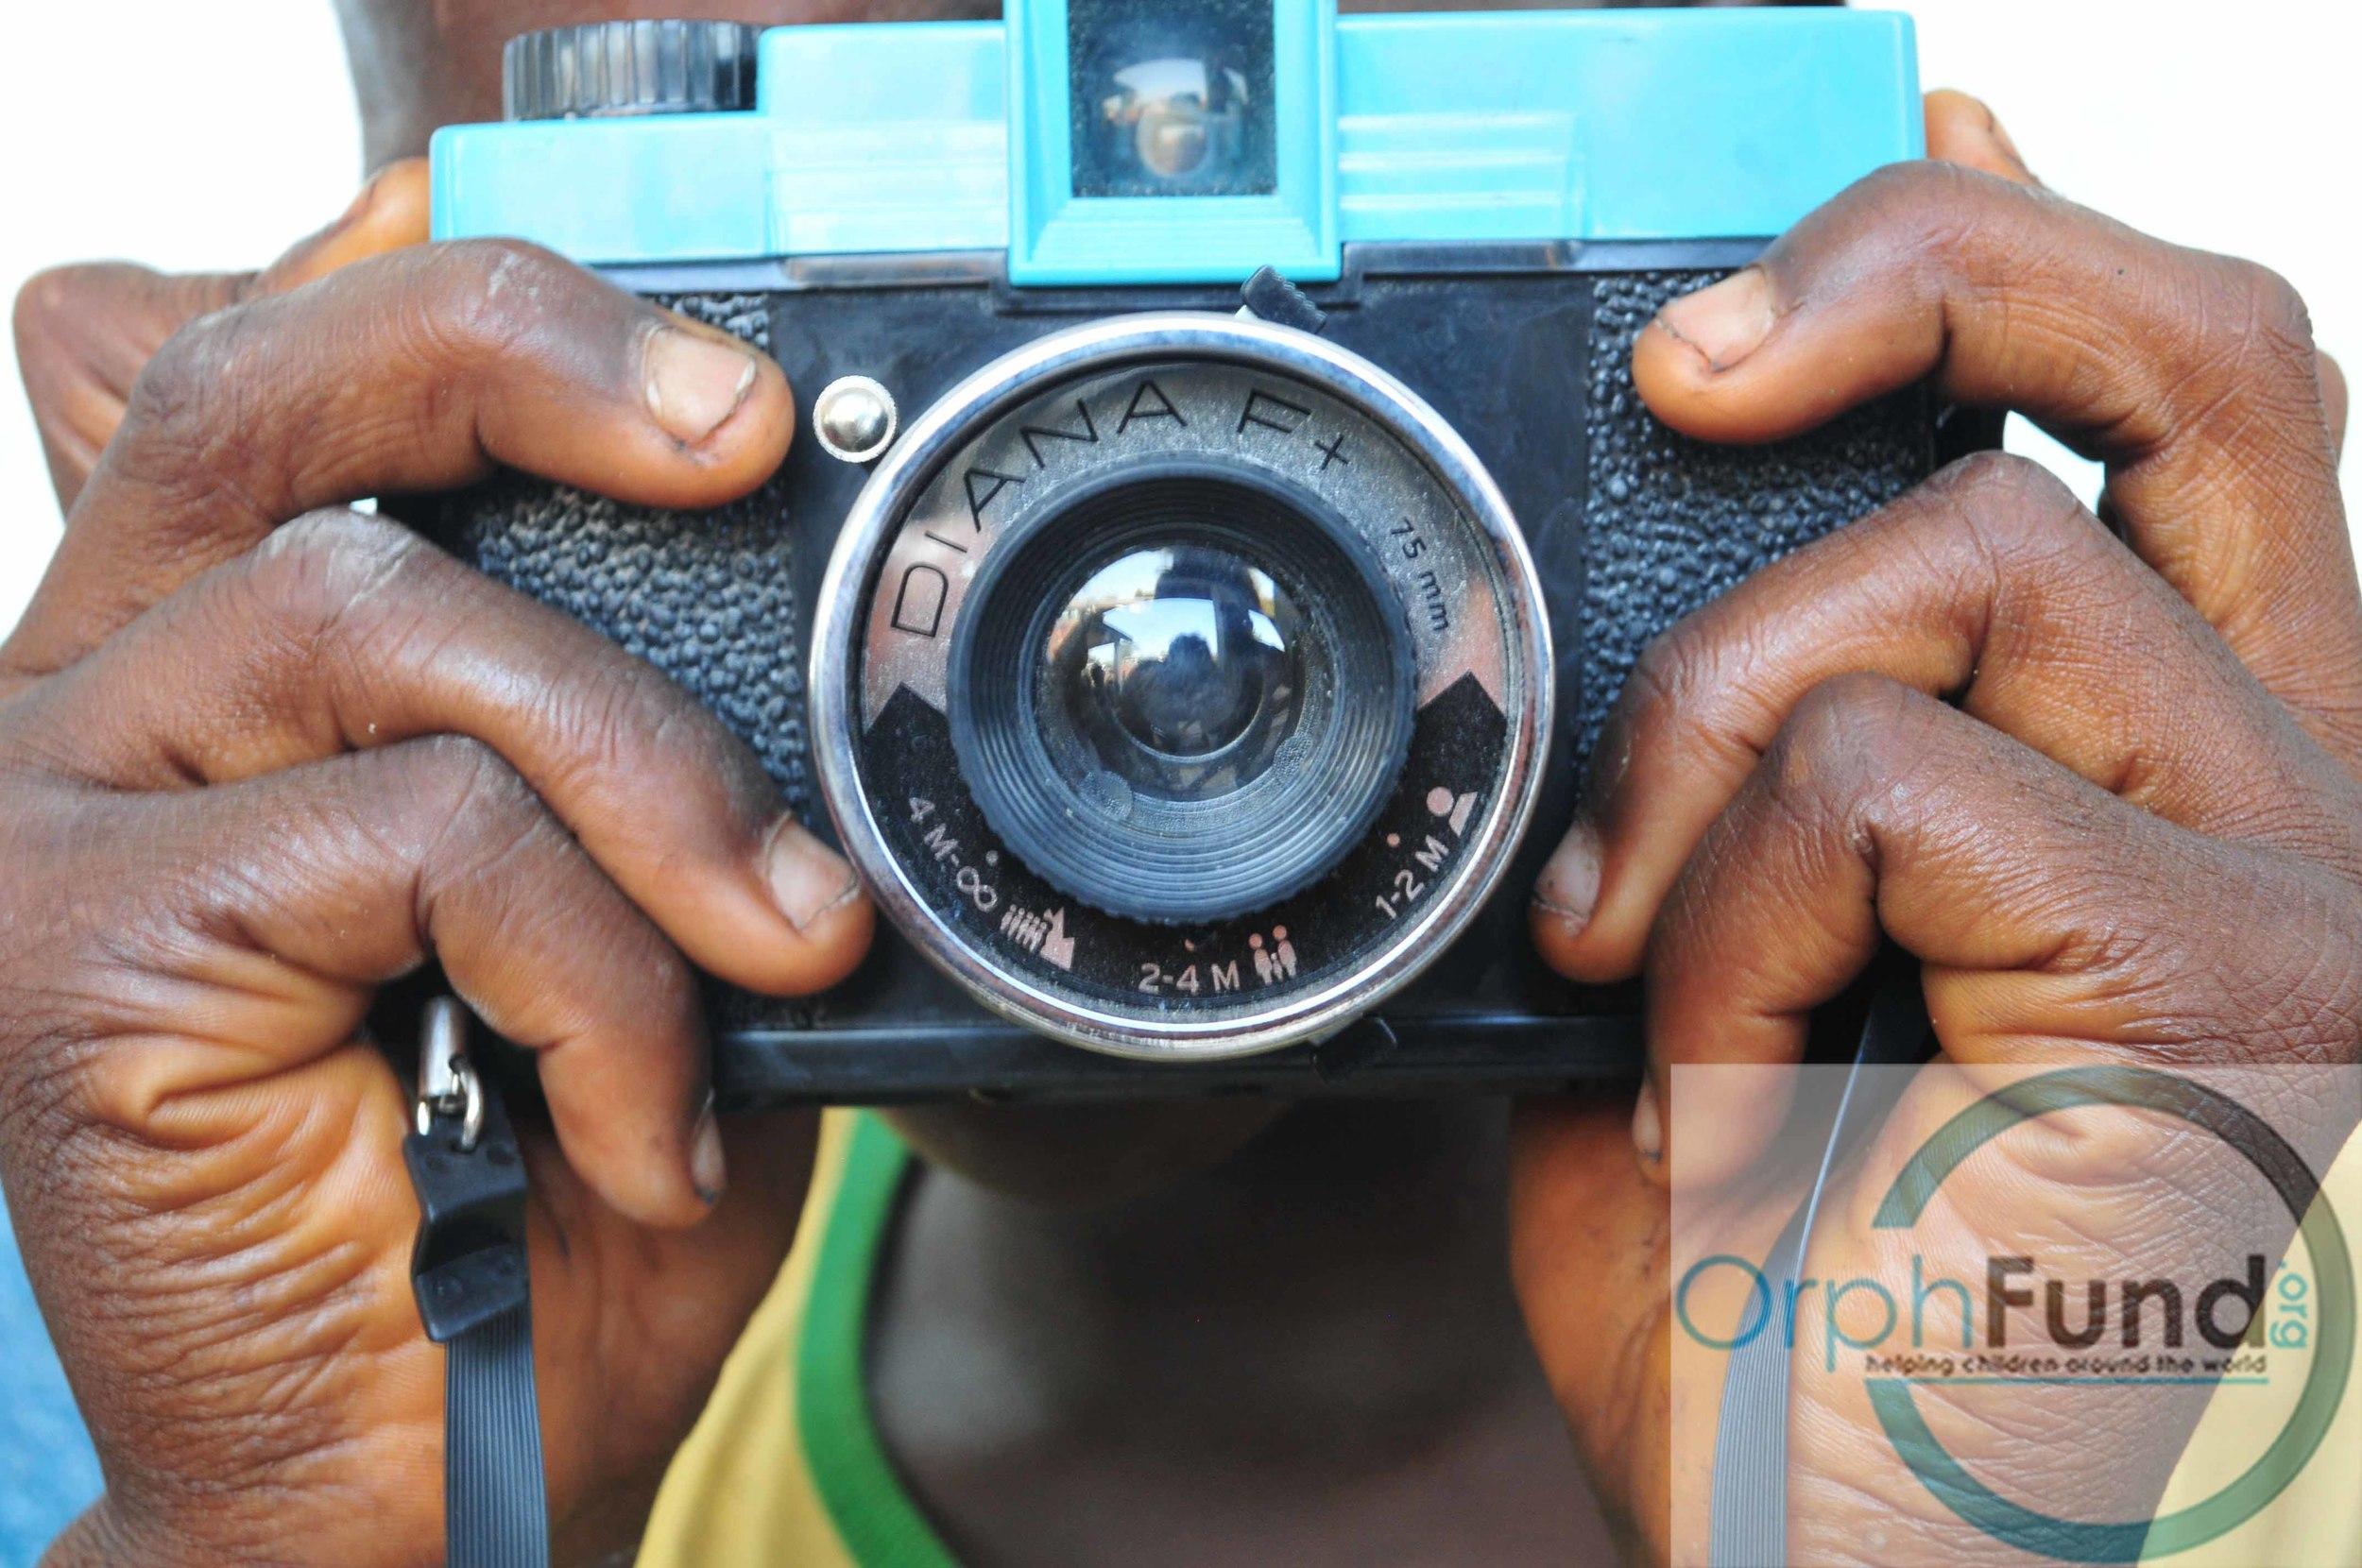 13 Alusines camera close up colour copy.jpg